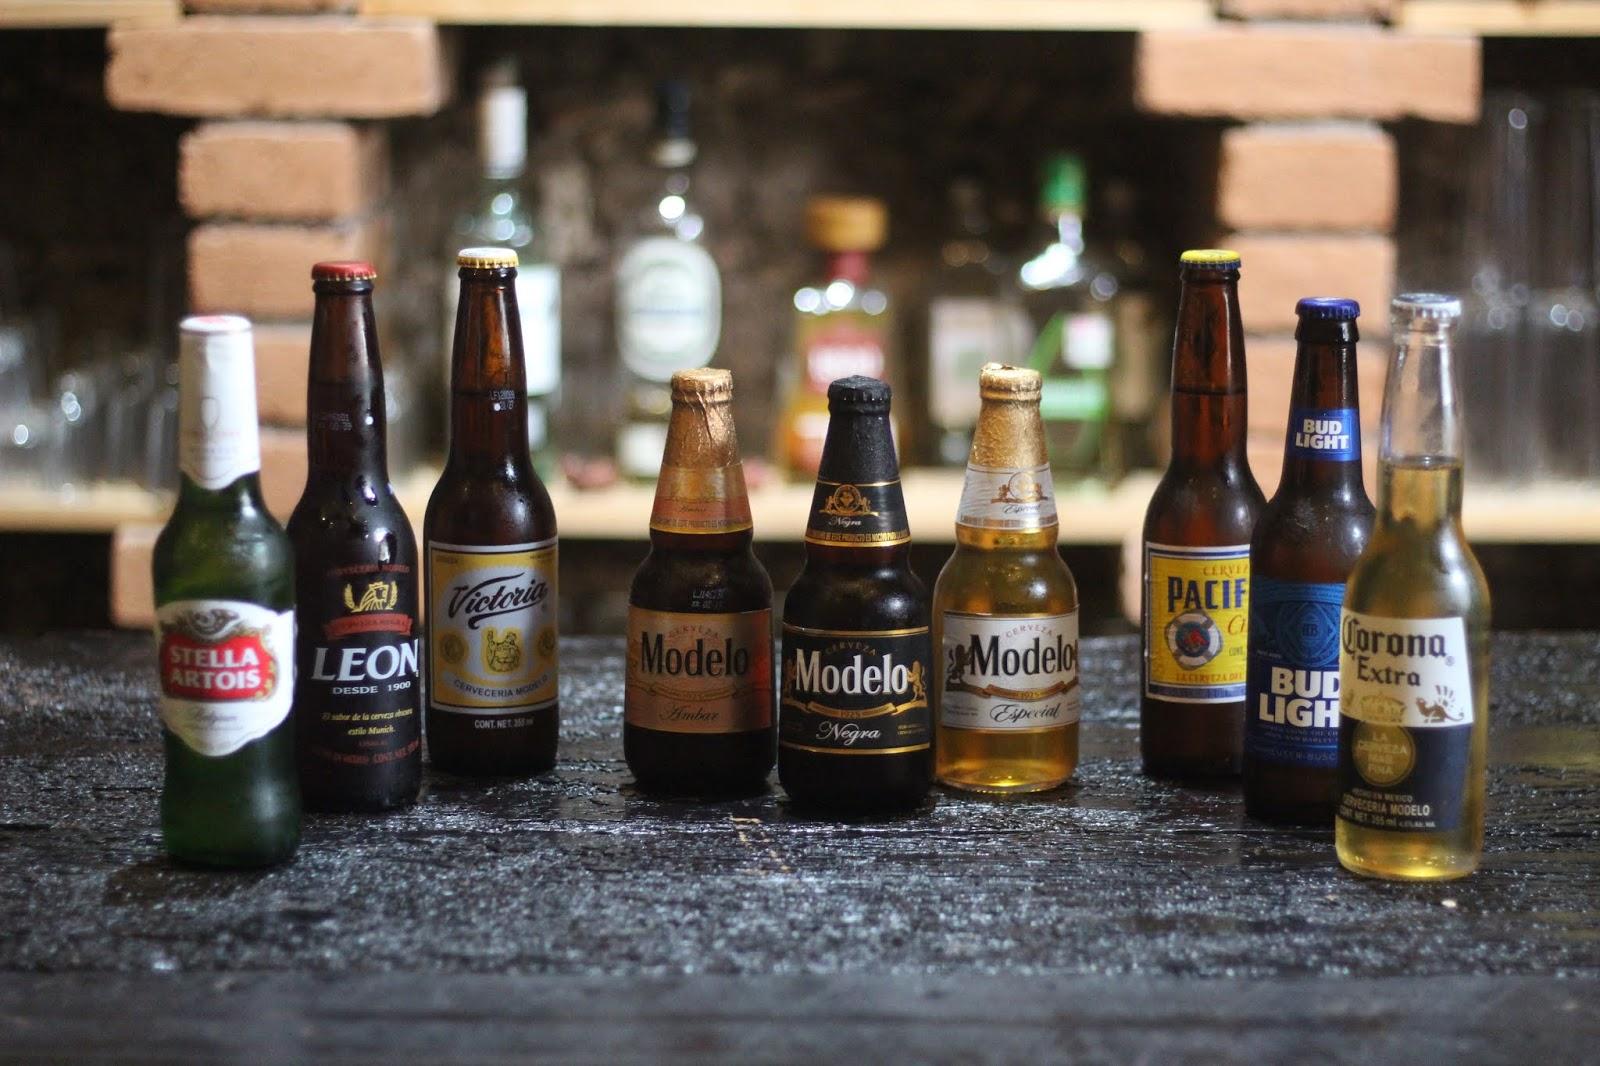 ¡Hoy la celebramos! Mitos sobre la cerveza que debes conocer